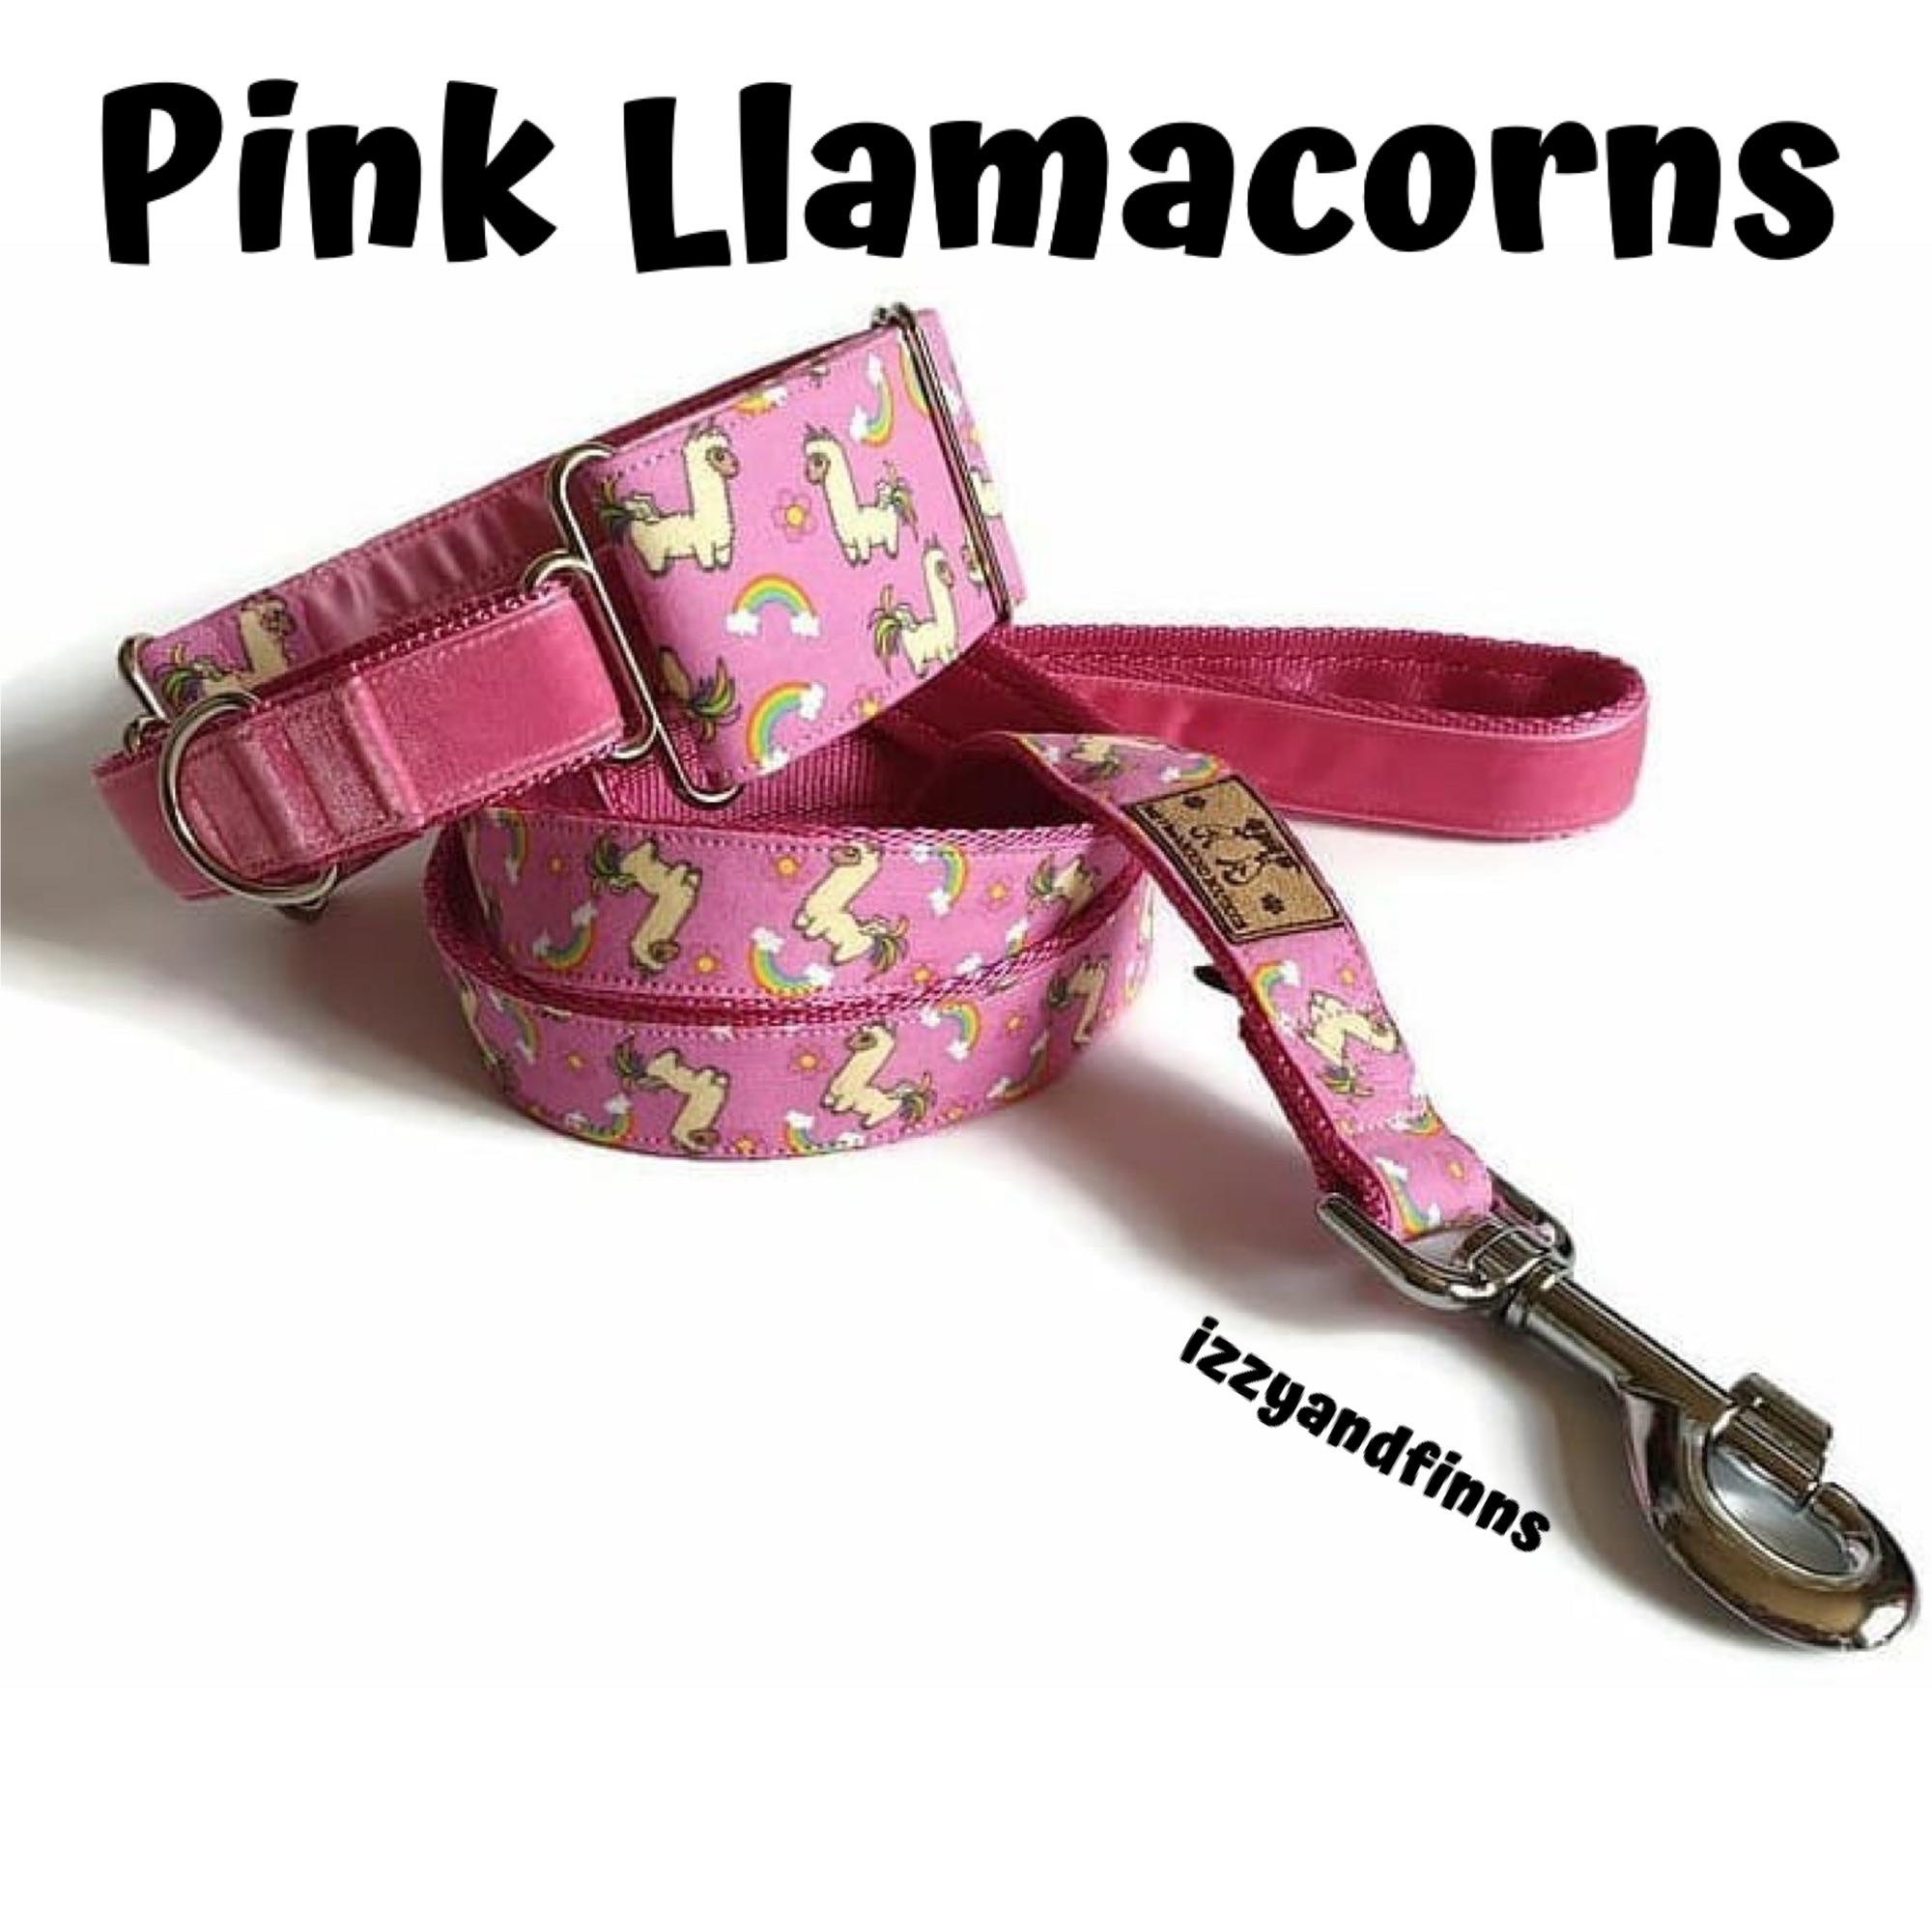 Pink Llamacorns